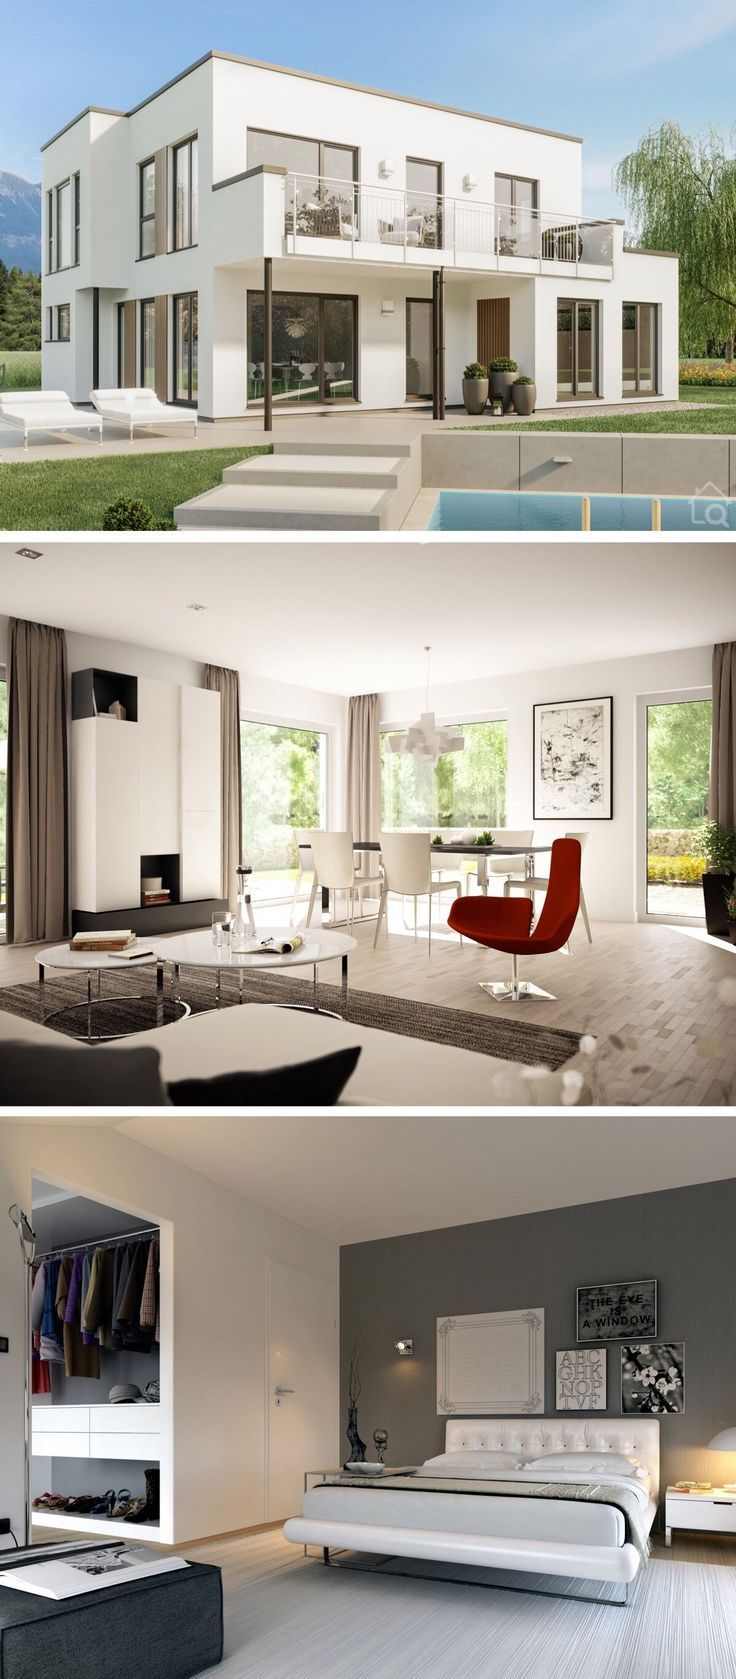 Einfamilienhaus modern Bauhaus Stadtvilla mit Flachdach ...